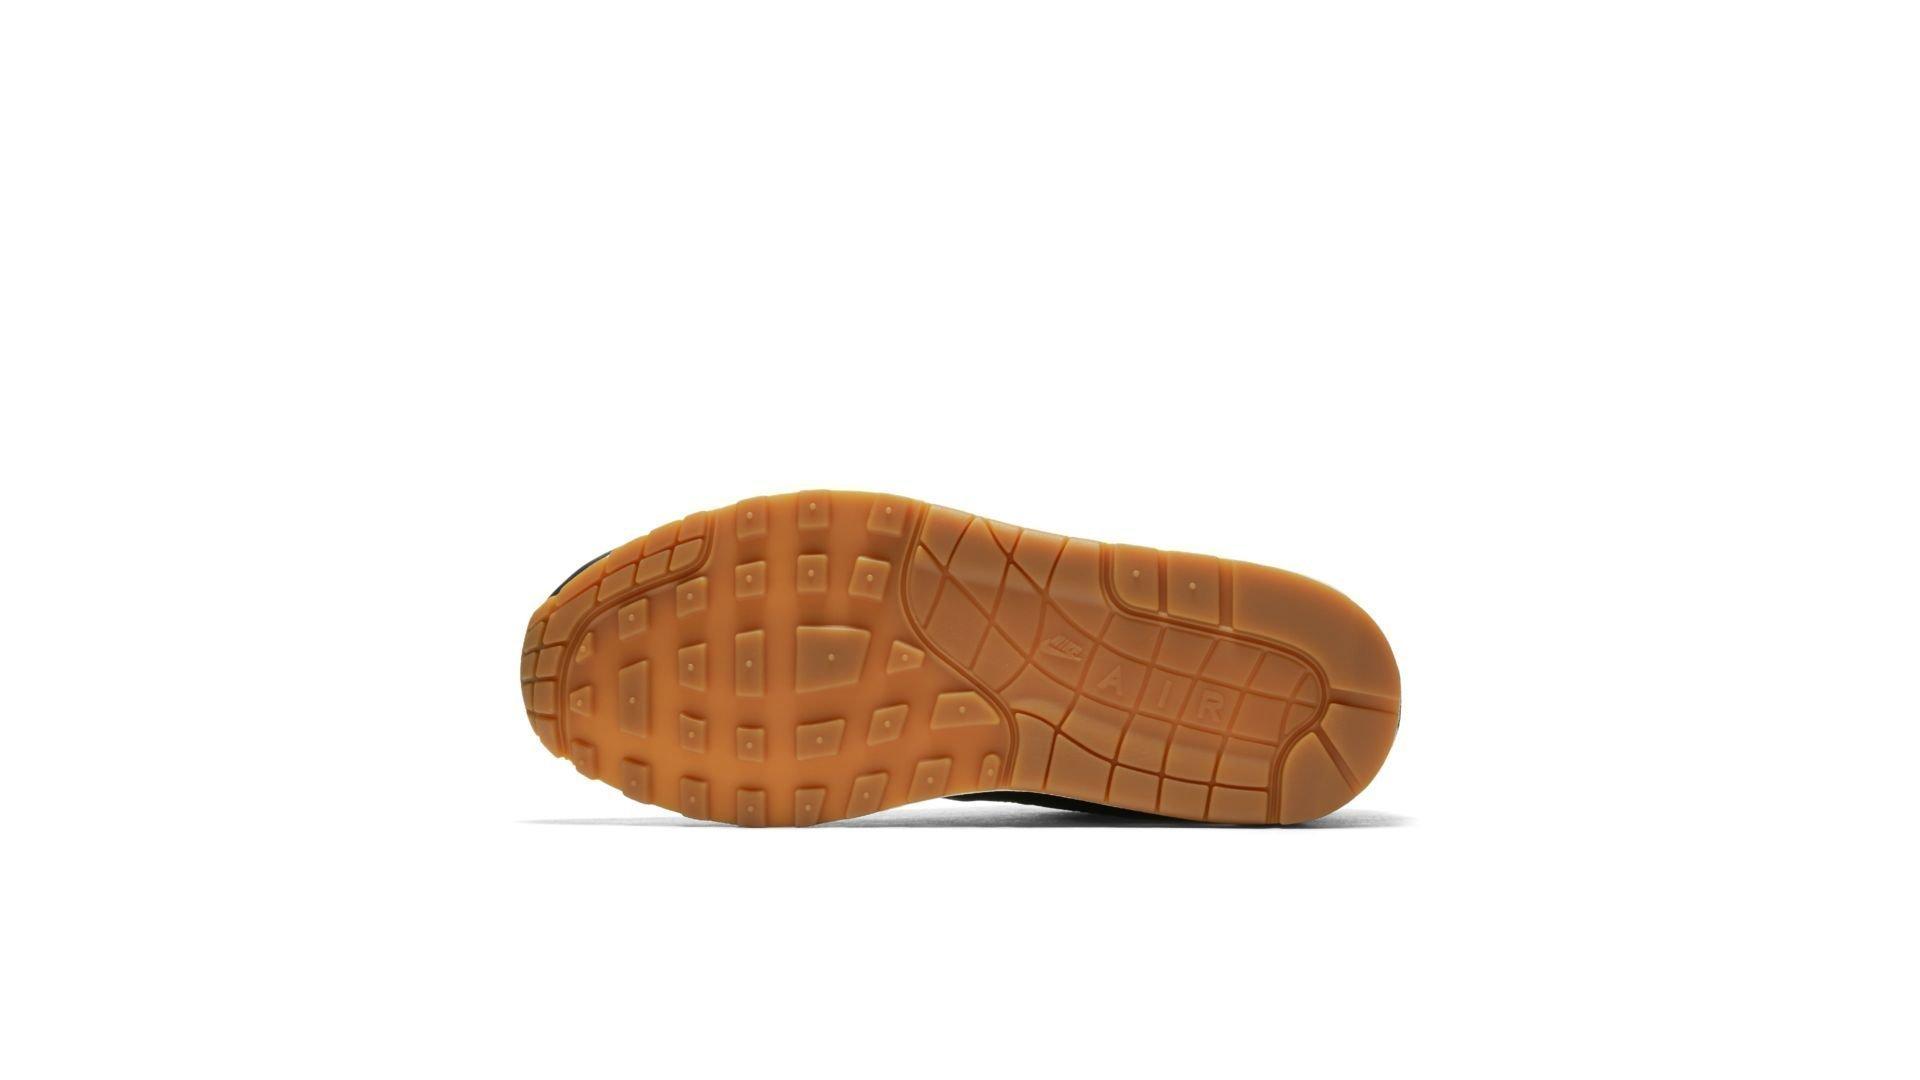 Nike Air Max 1 Premium 454746-403